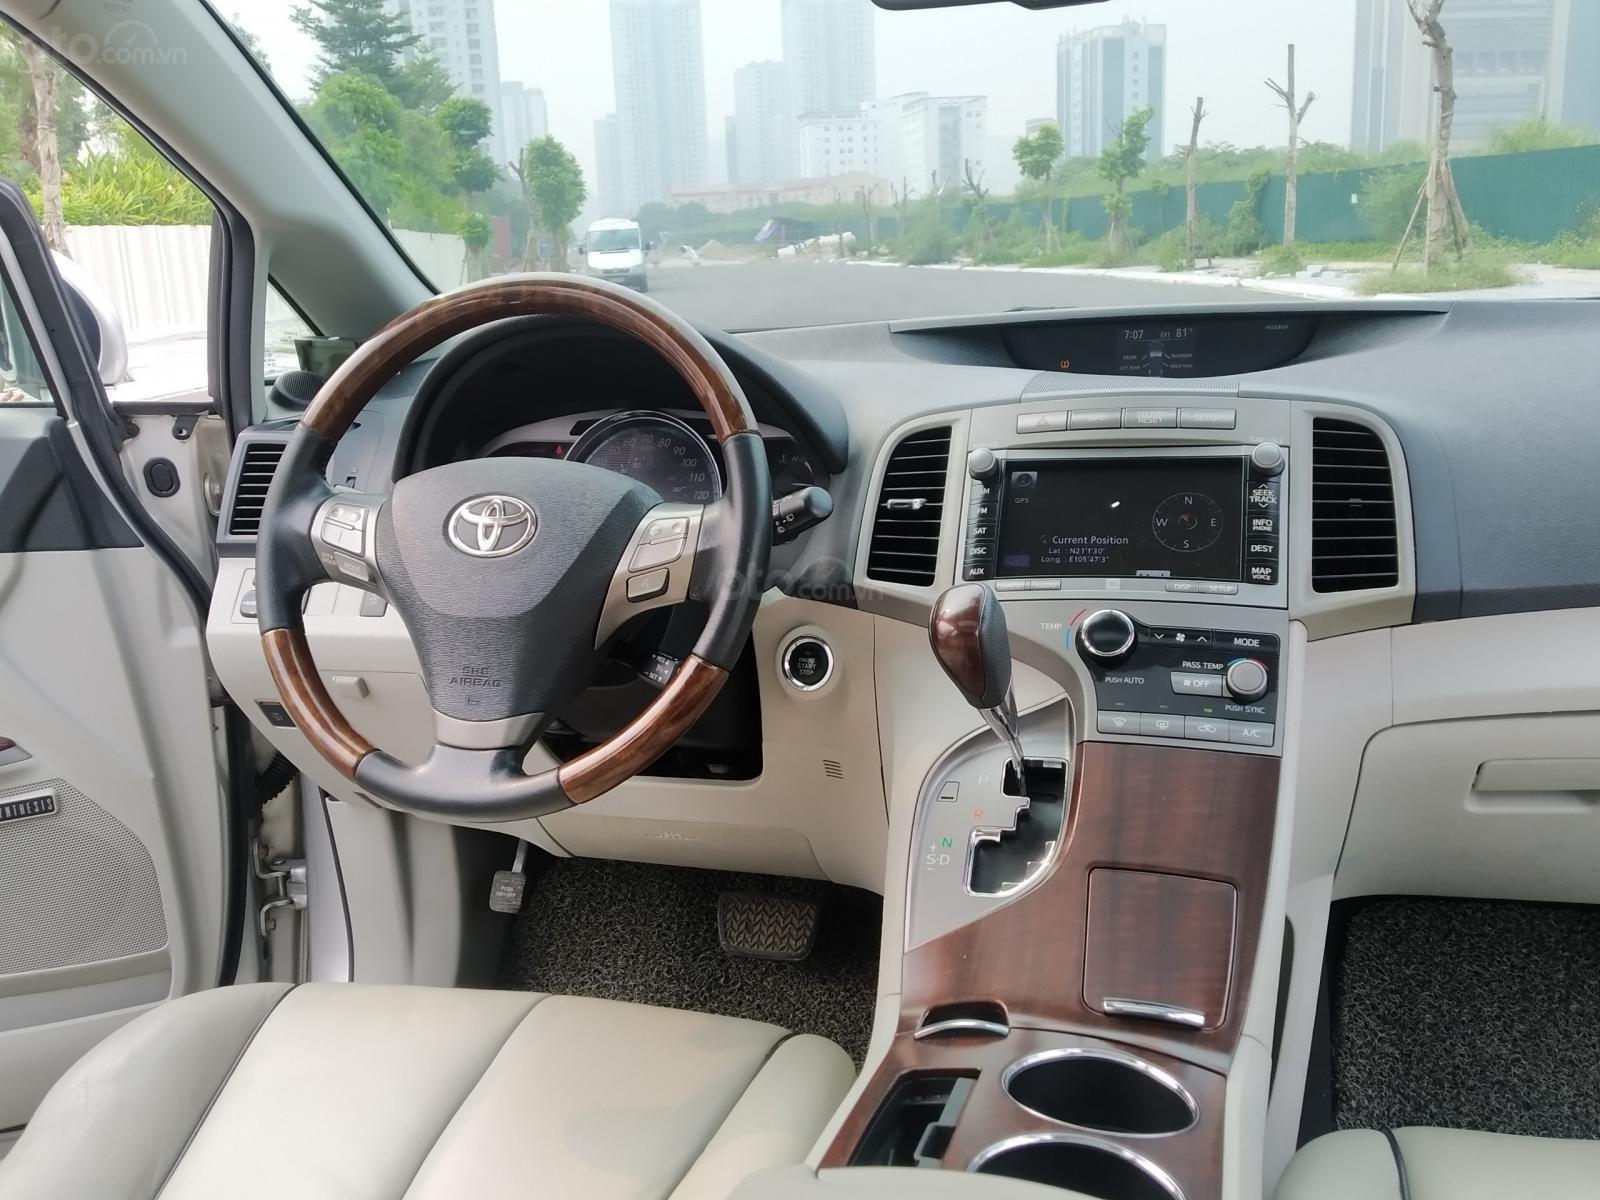 Toyota Venza 2009 nhập khẩu, xe đẹp khó tìm (8)